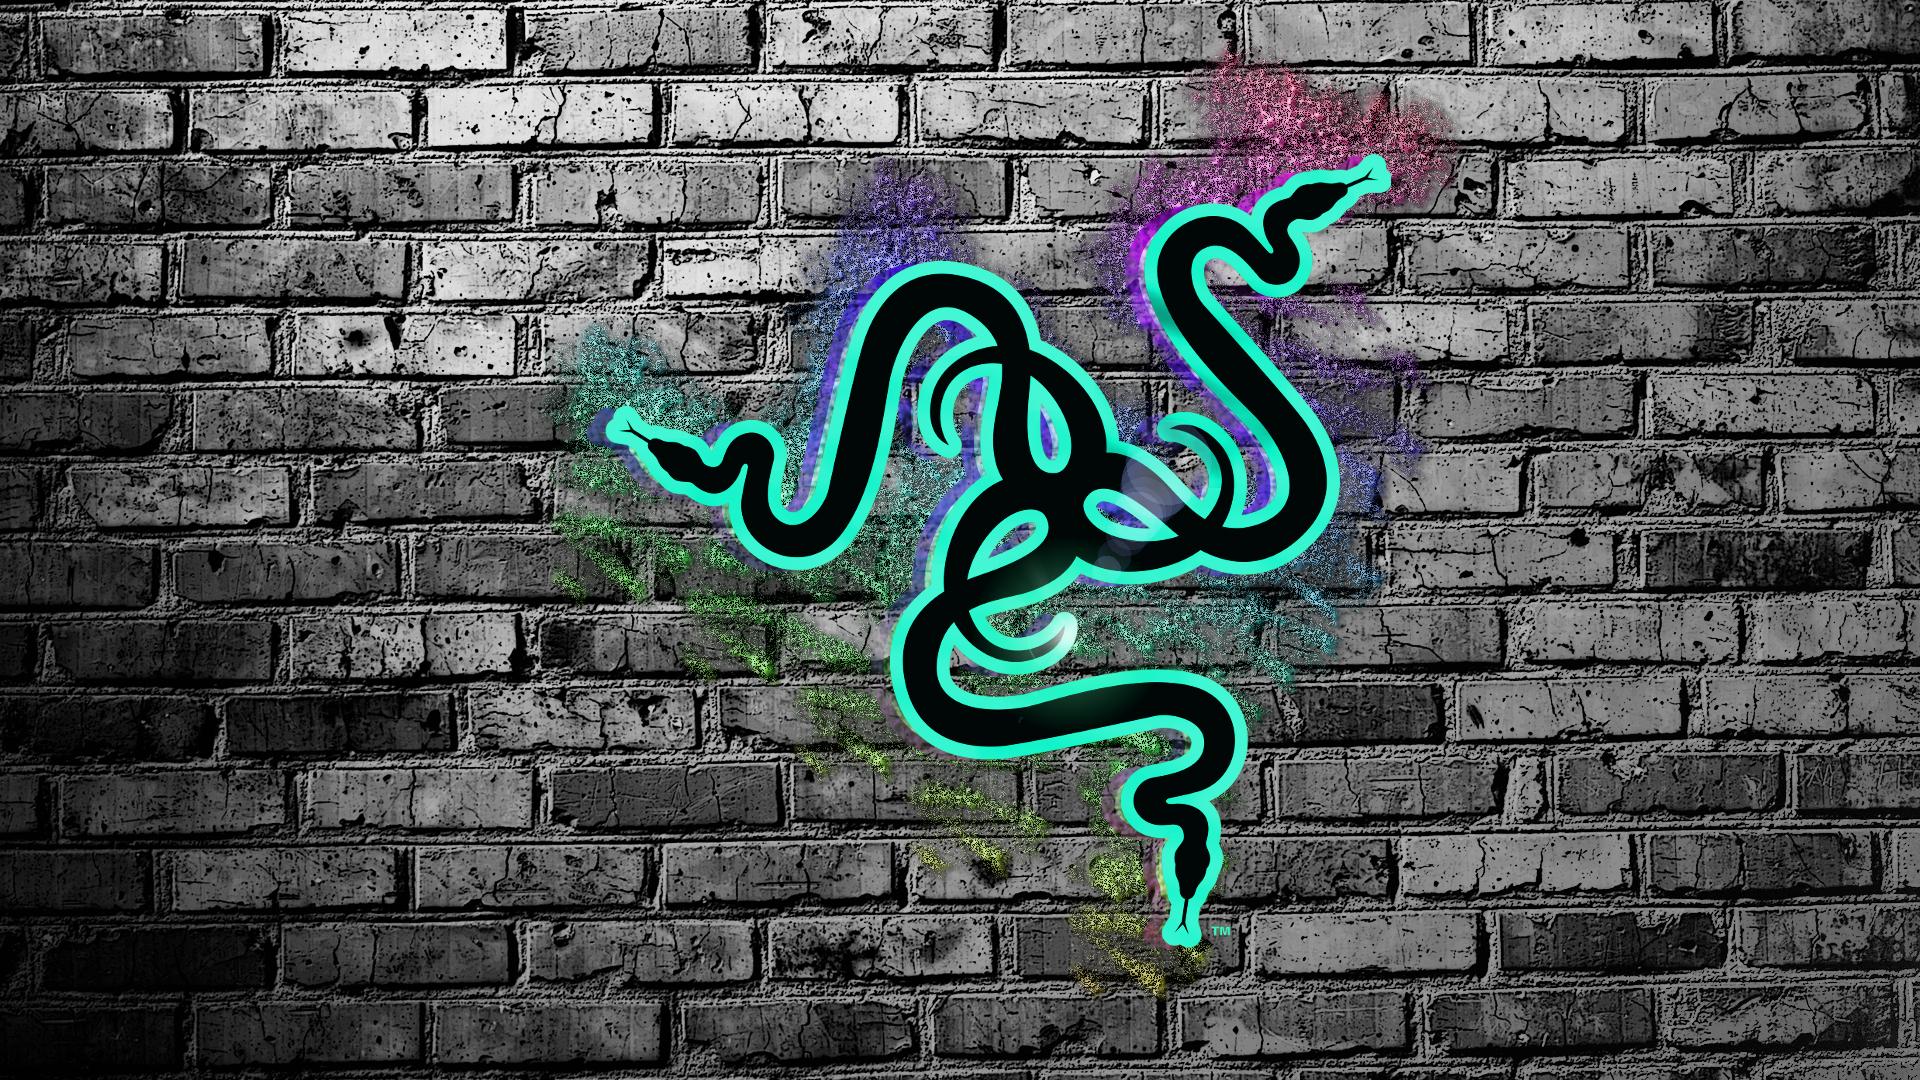 ... Razer Logo Rainbow Brick Wallpaper by Sandwichen